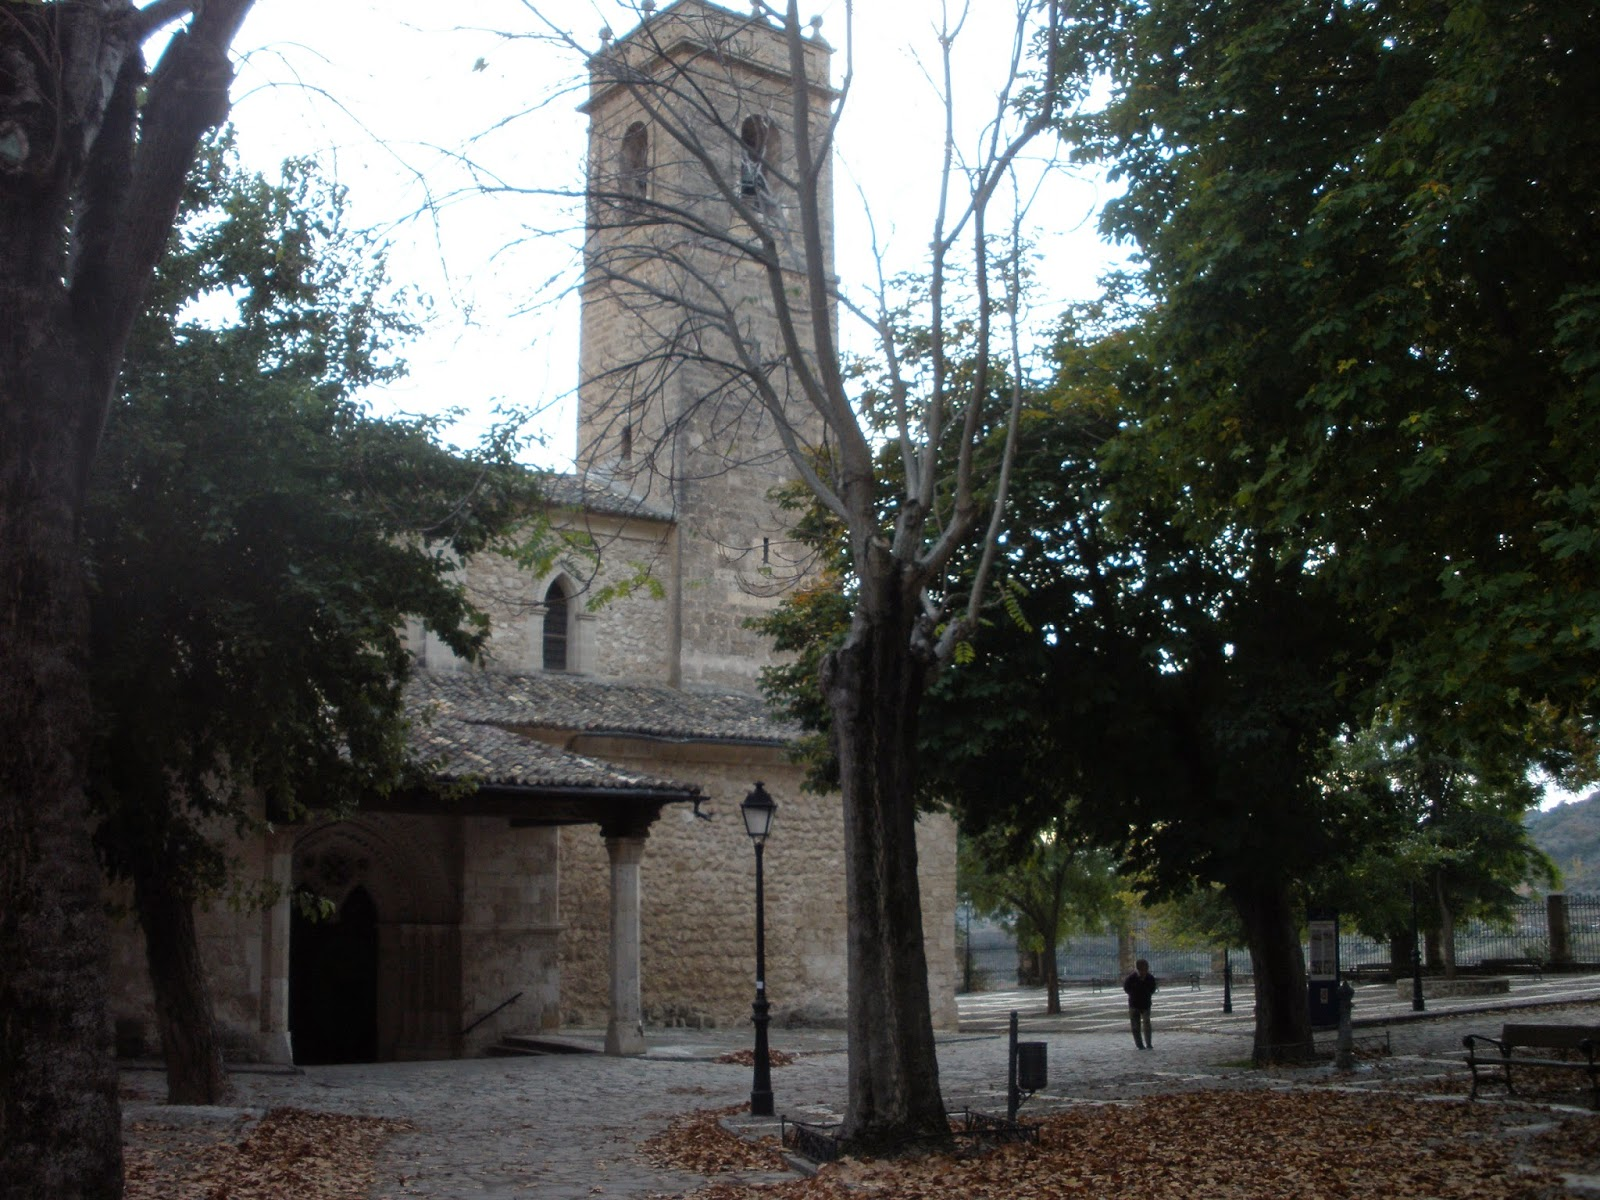 Iglesia de Santa María de la Peña, construida en el s.XIII conservando en su interior una talla románica de la Virgen de la Peña.